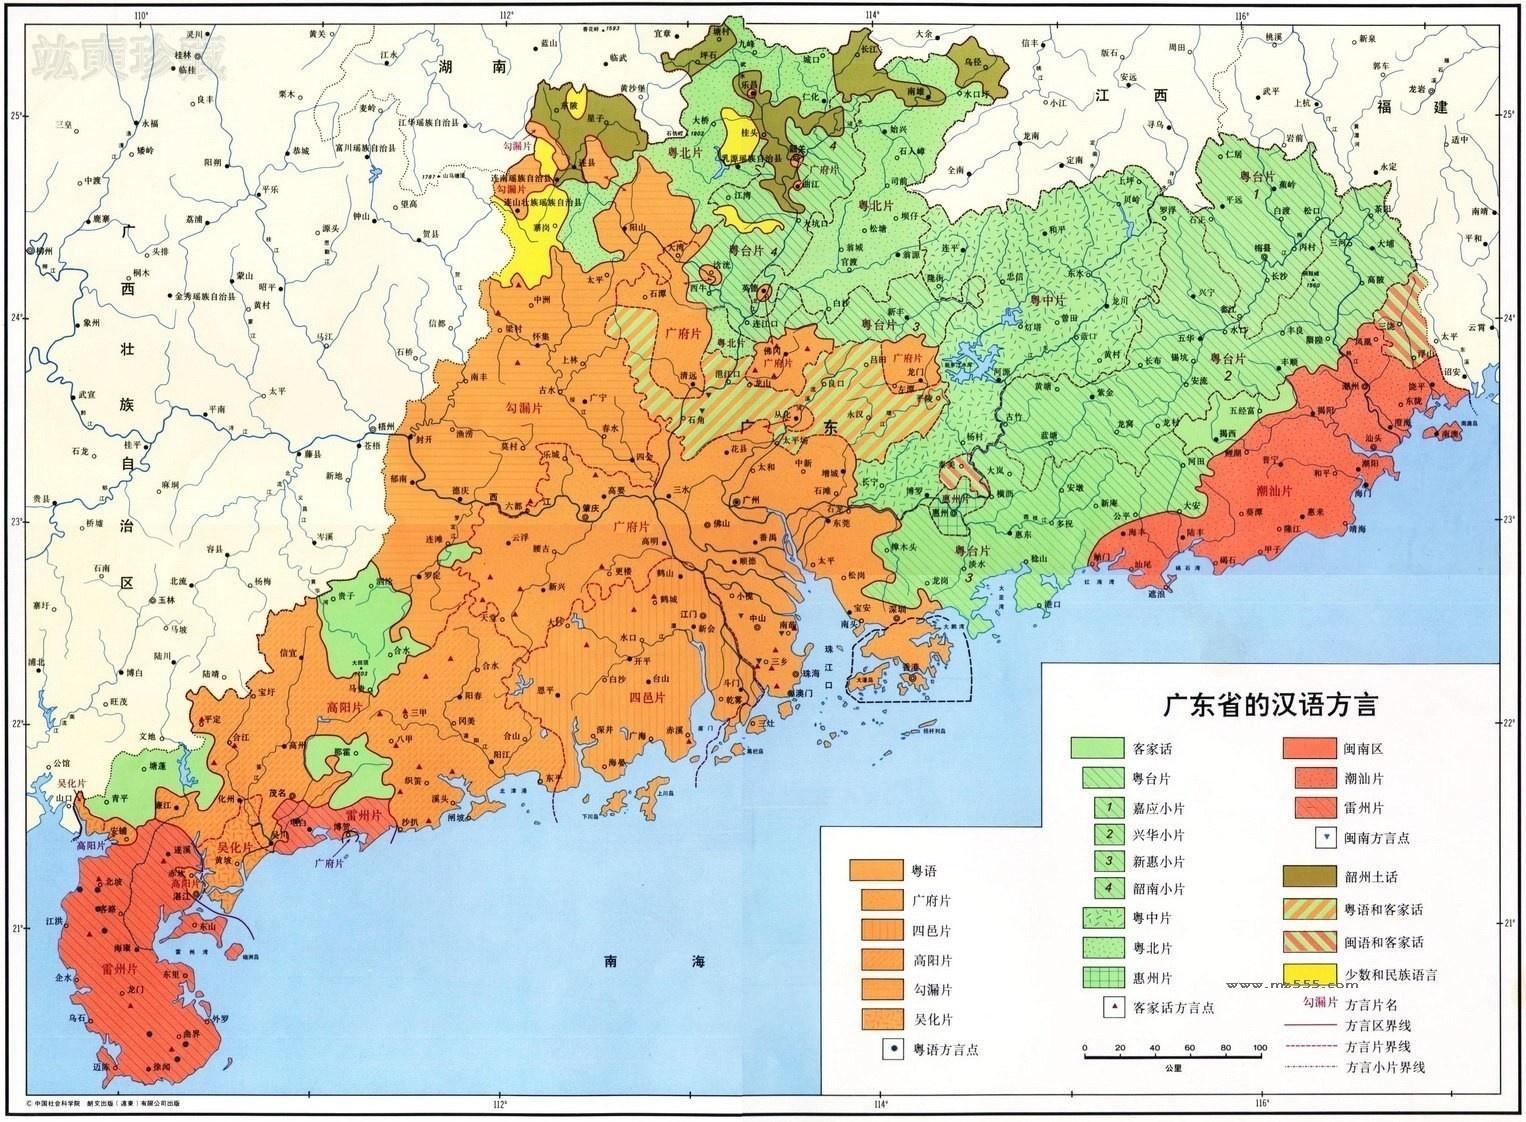 始兴县三维立体地图